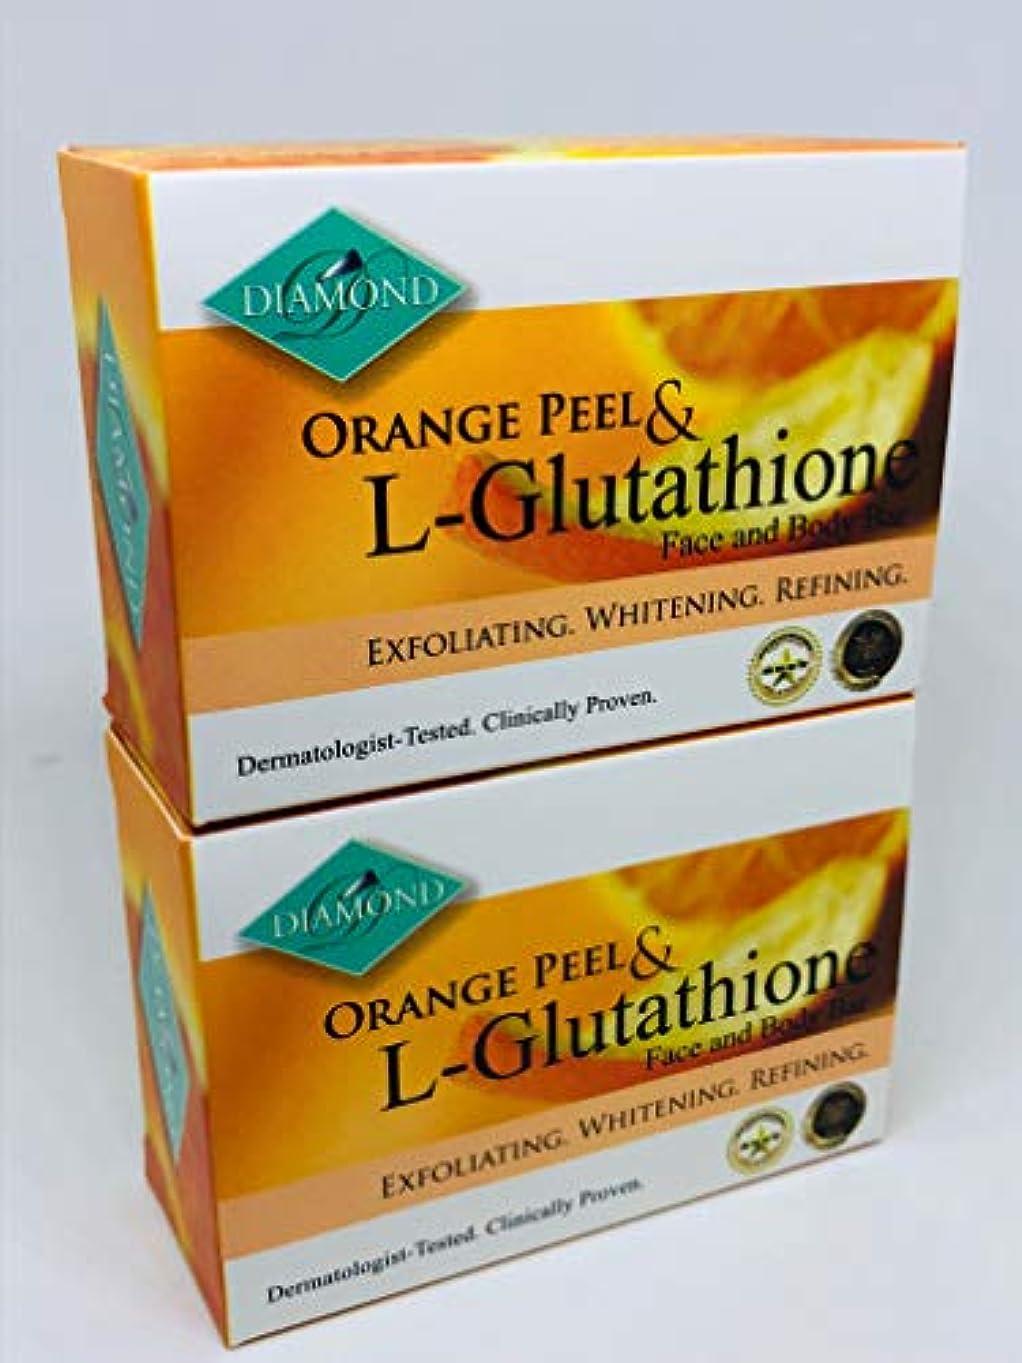 狂人剛性確保するDIAMOND ORANGE PEEL&Glutathione soap/オレンジピール&グルタチオン配合ソープ(美容石けん) 150g×2個 正規輸入品